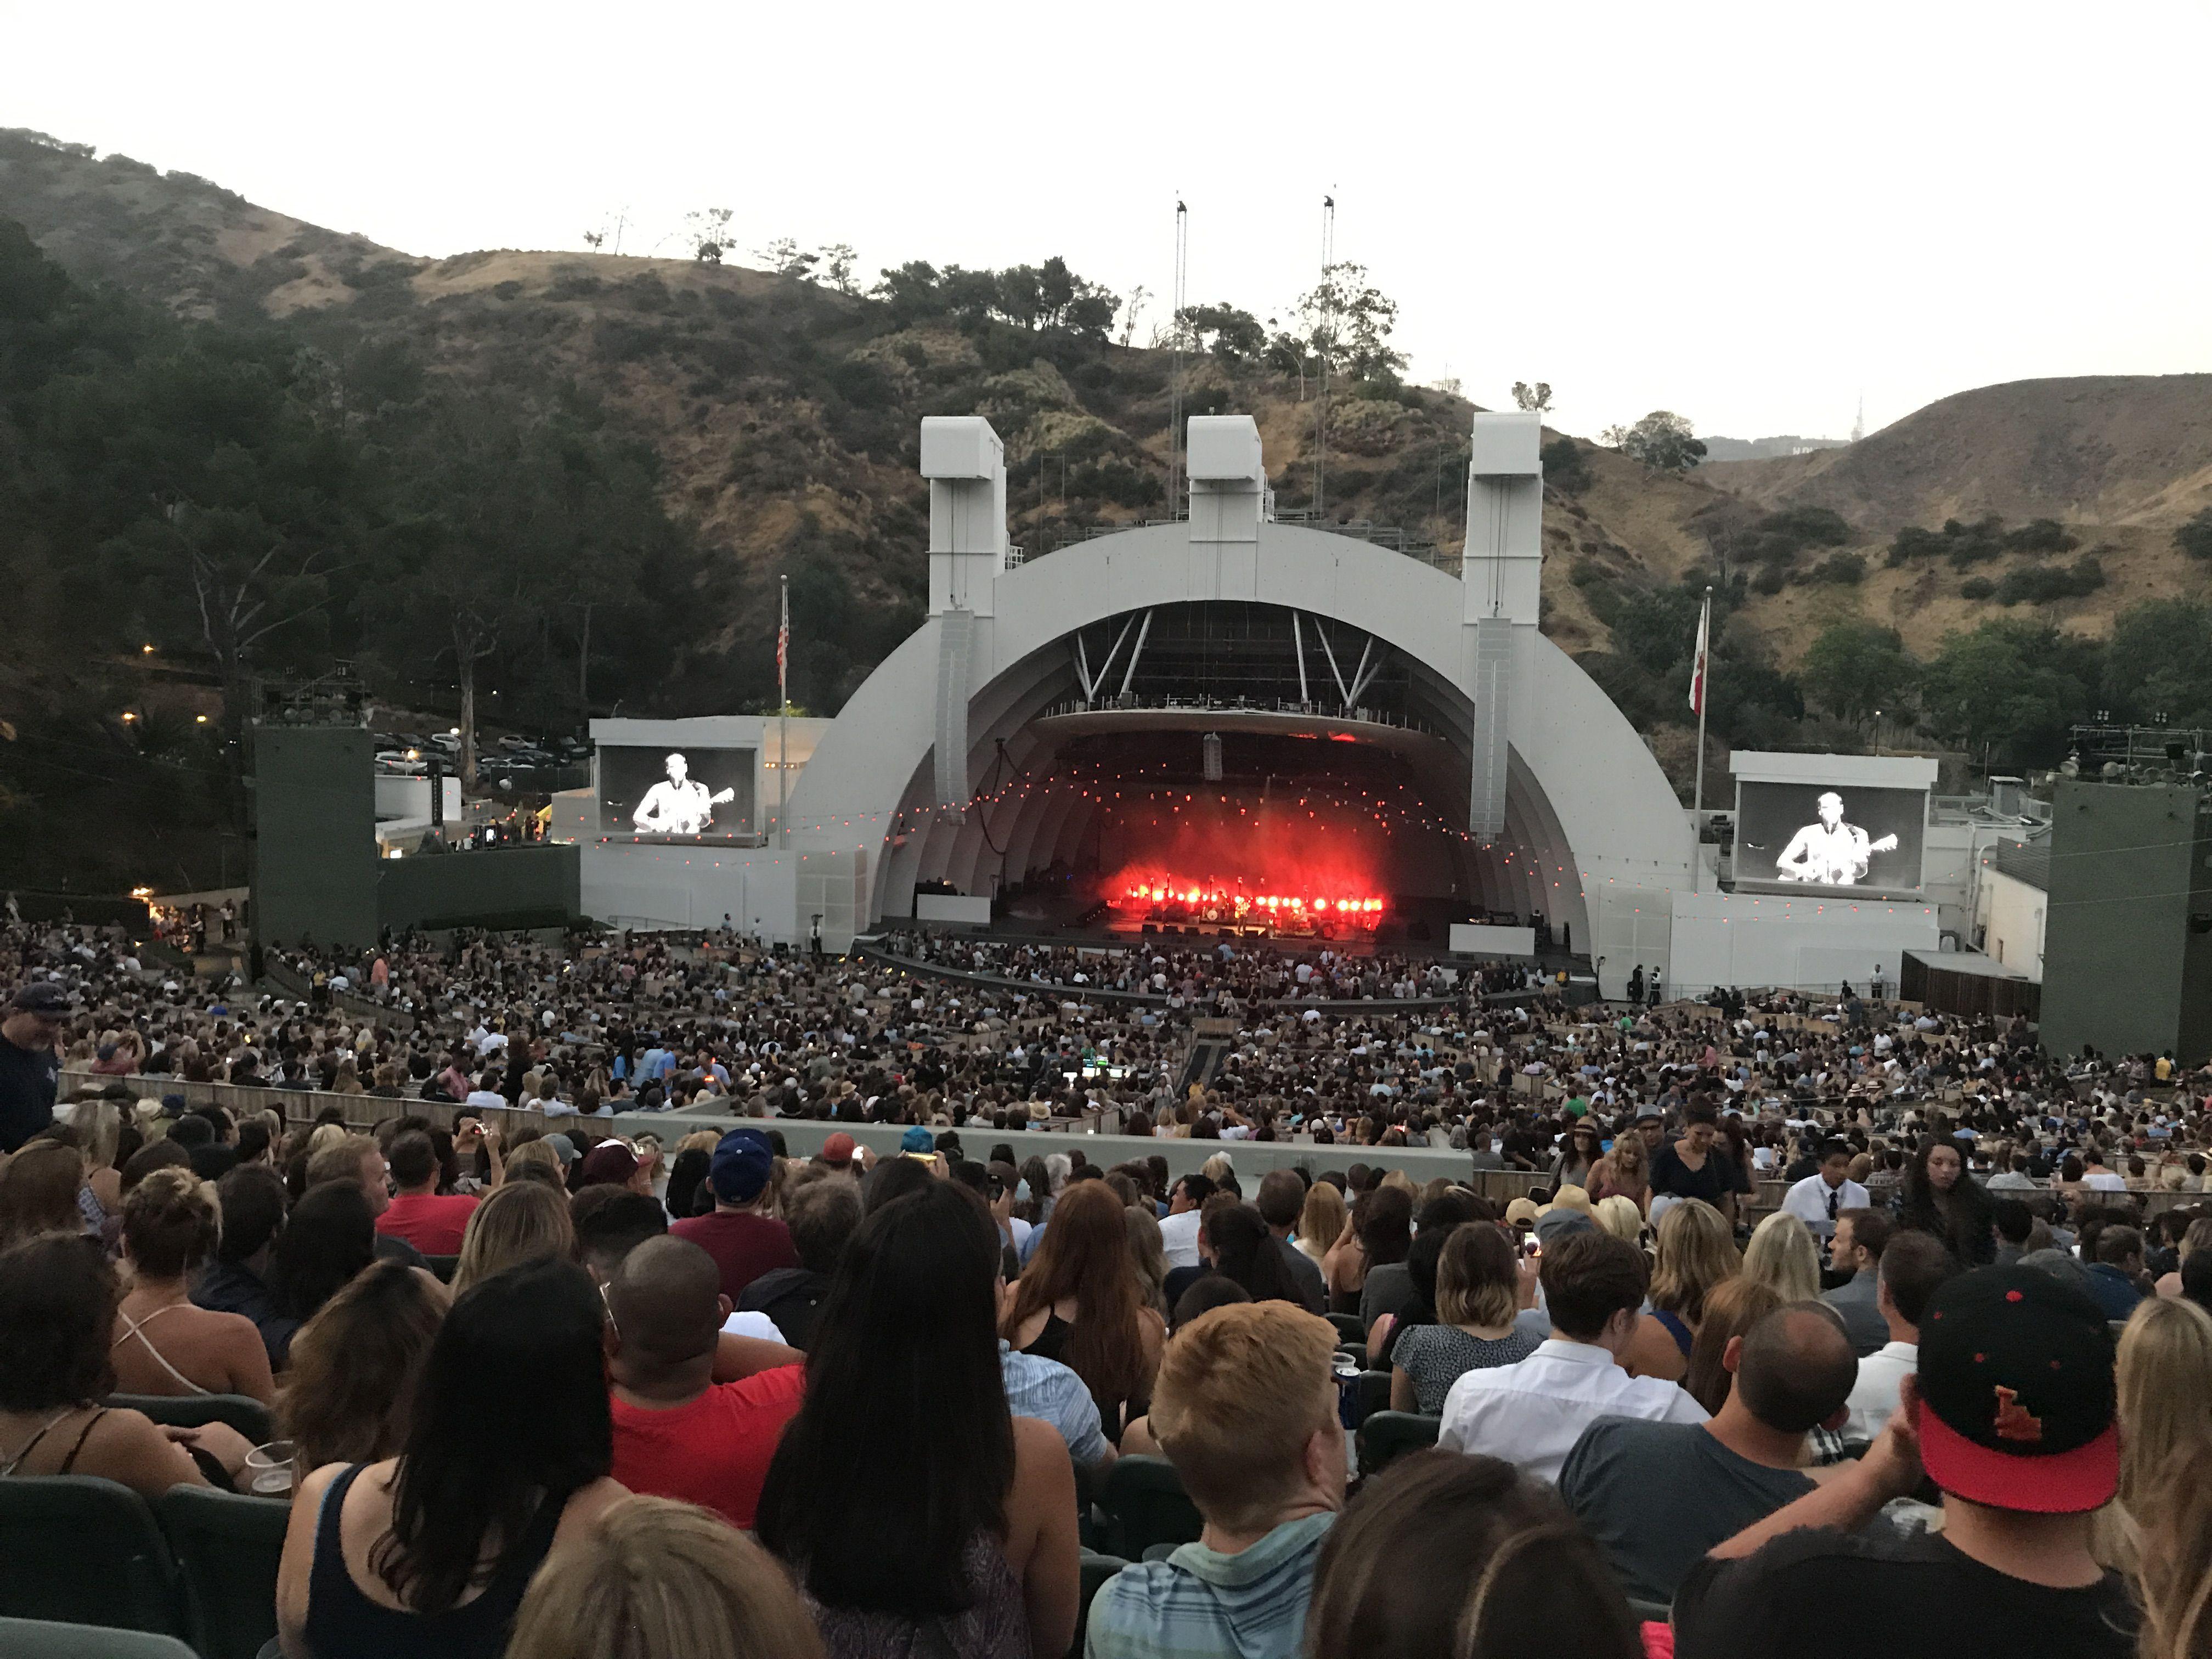 Concierto al aire libre en el Hollywood Bowl en California